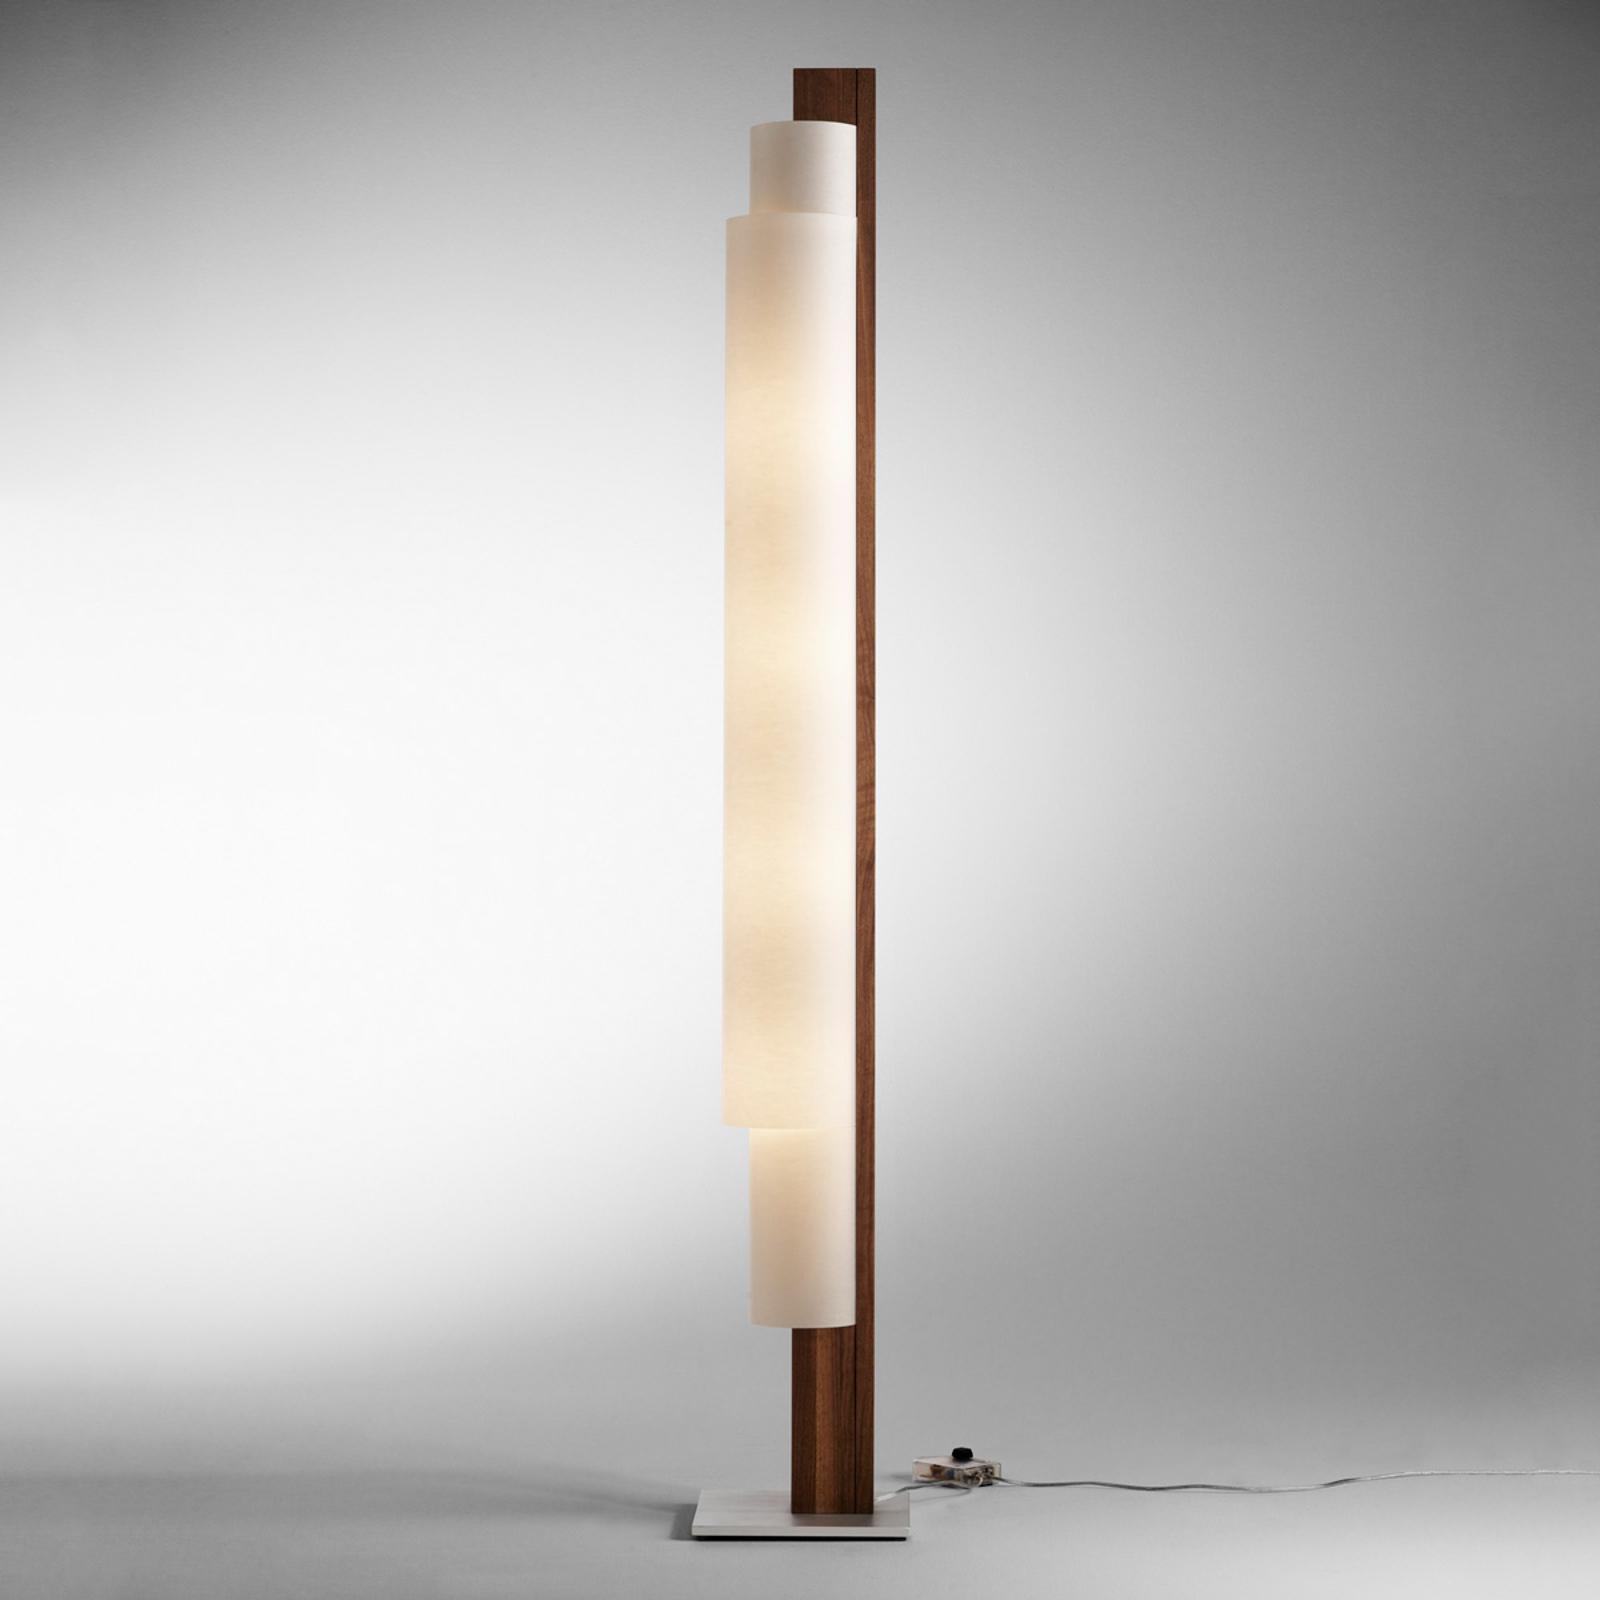 Lampadaire LED Stele en bois de noyer